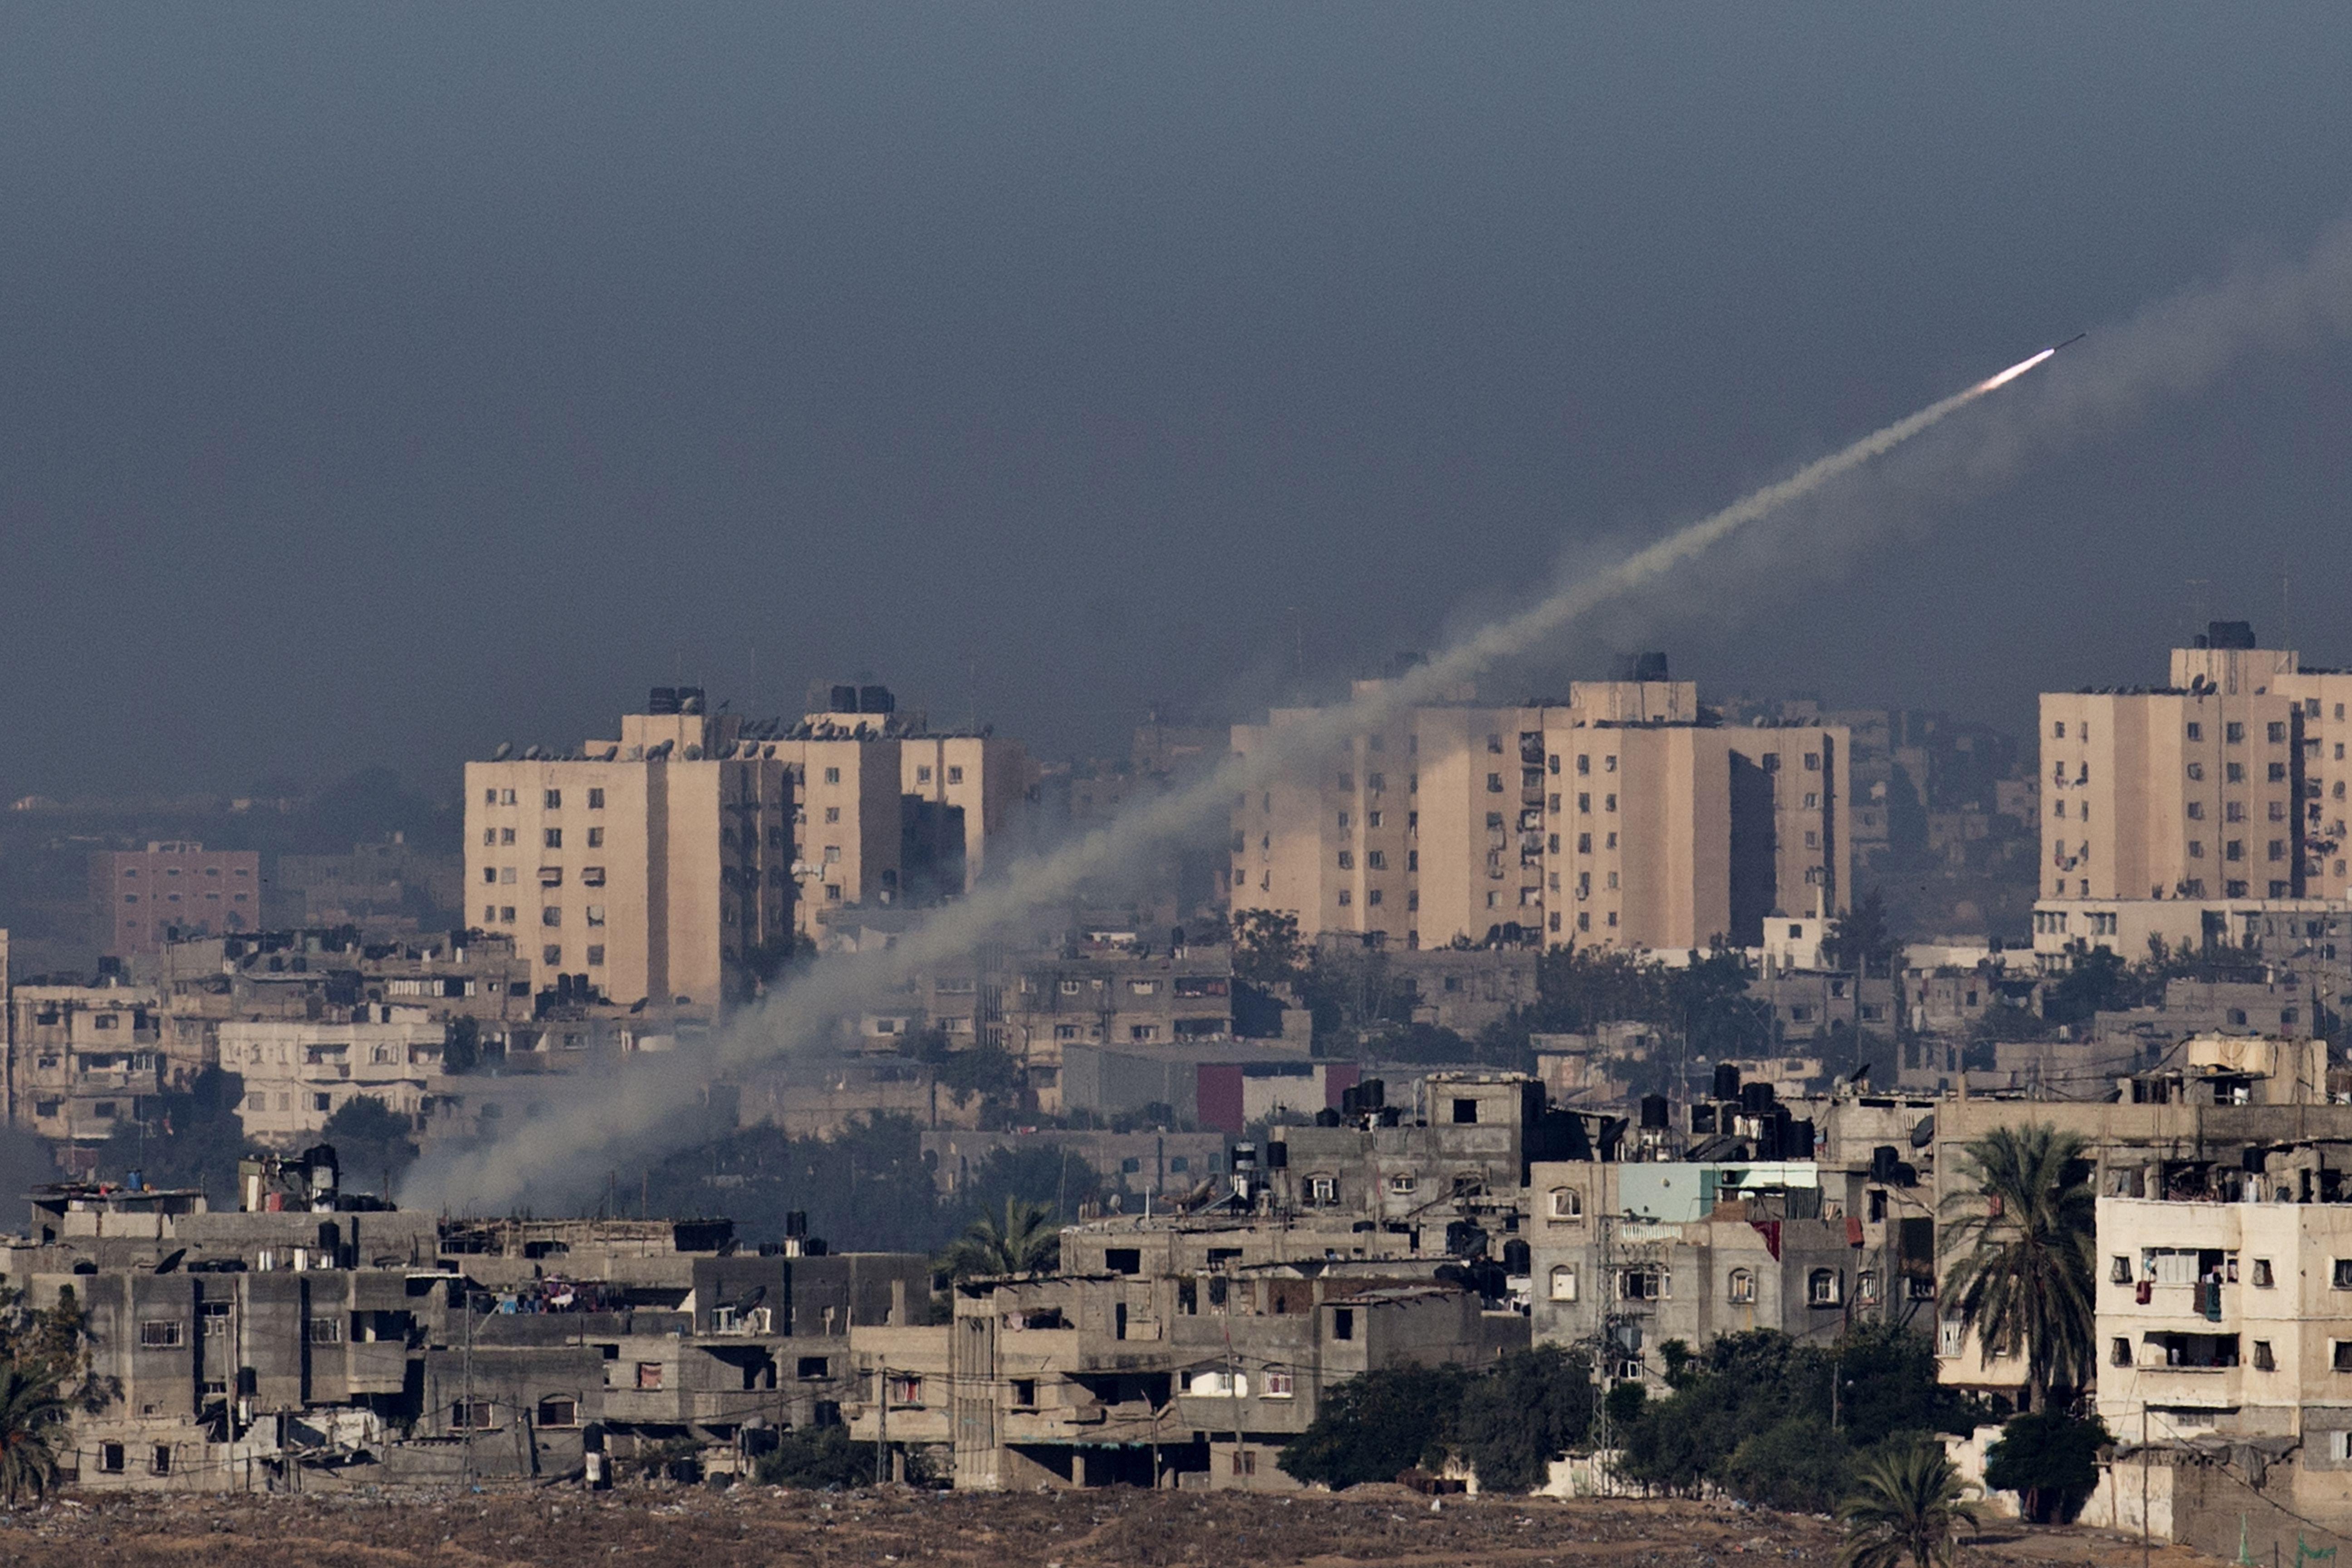 The Jerusalem Post:  Палестинцы выпустили 90 ракет по югу Израиля